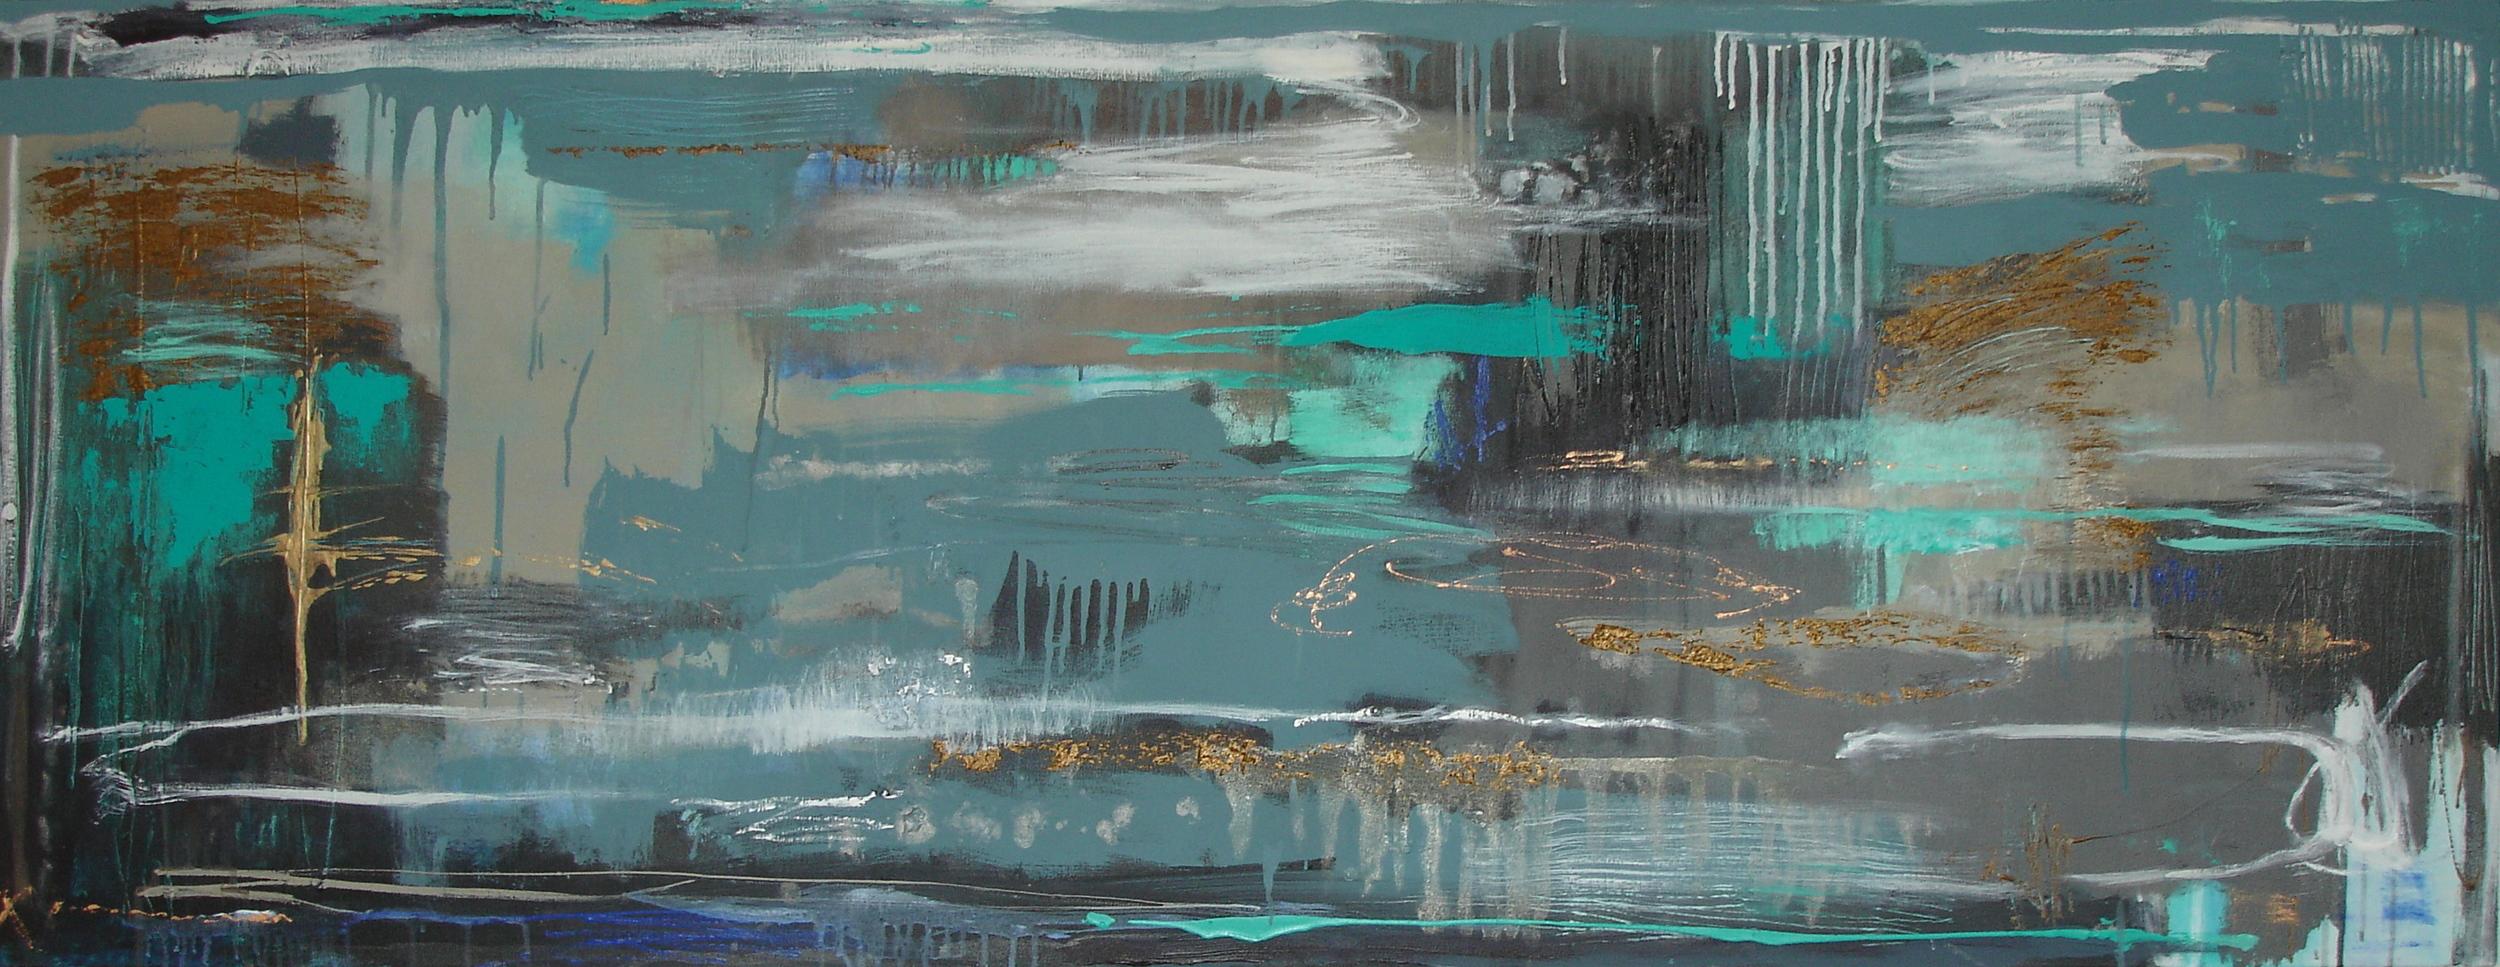 Free flow, 71 x 183cm